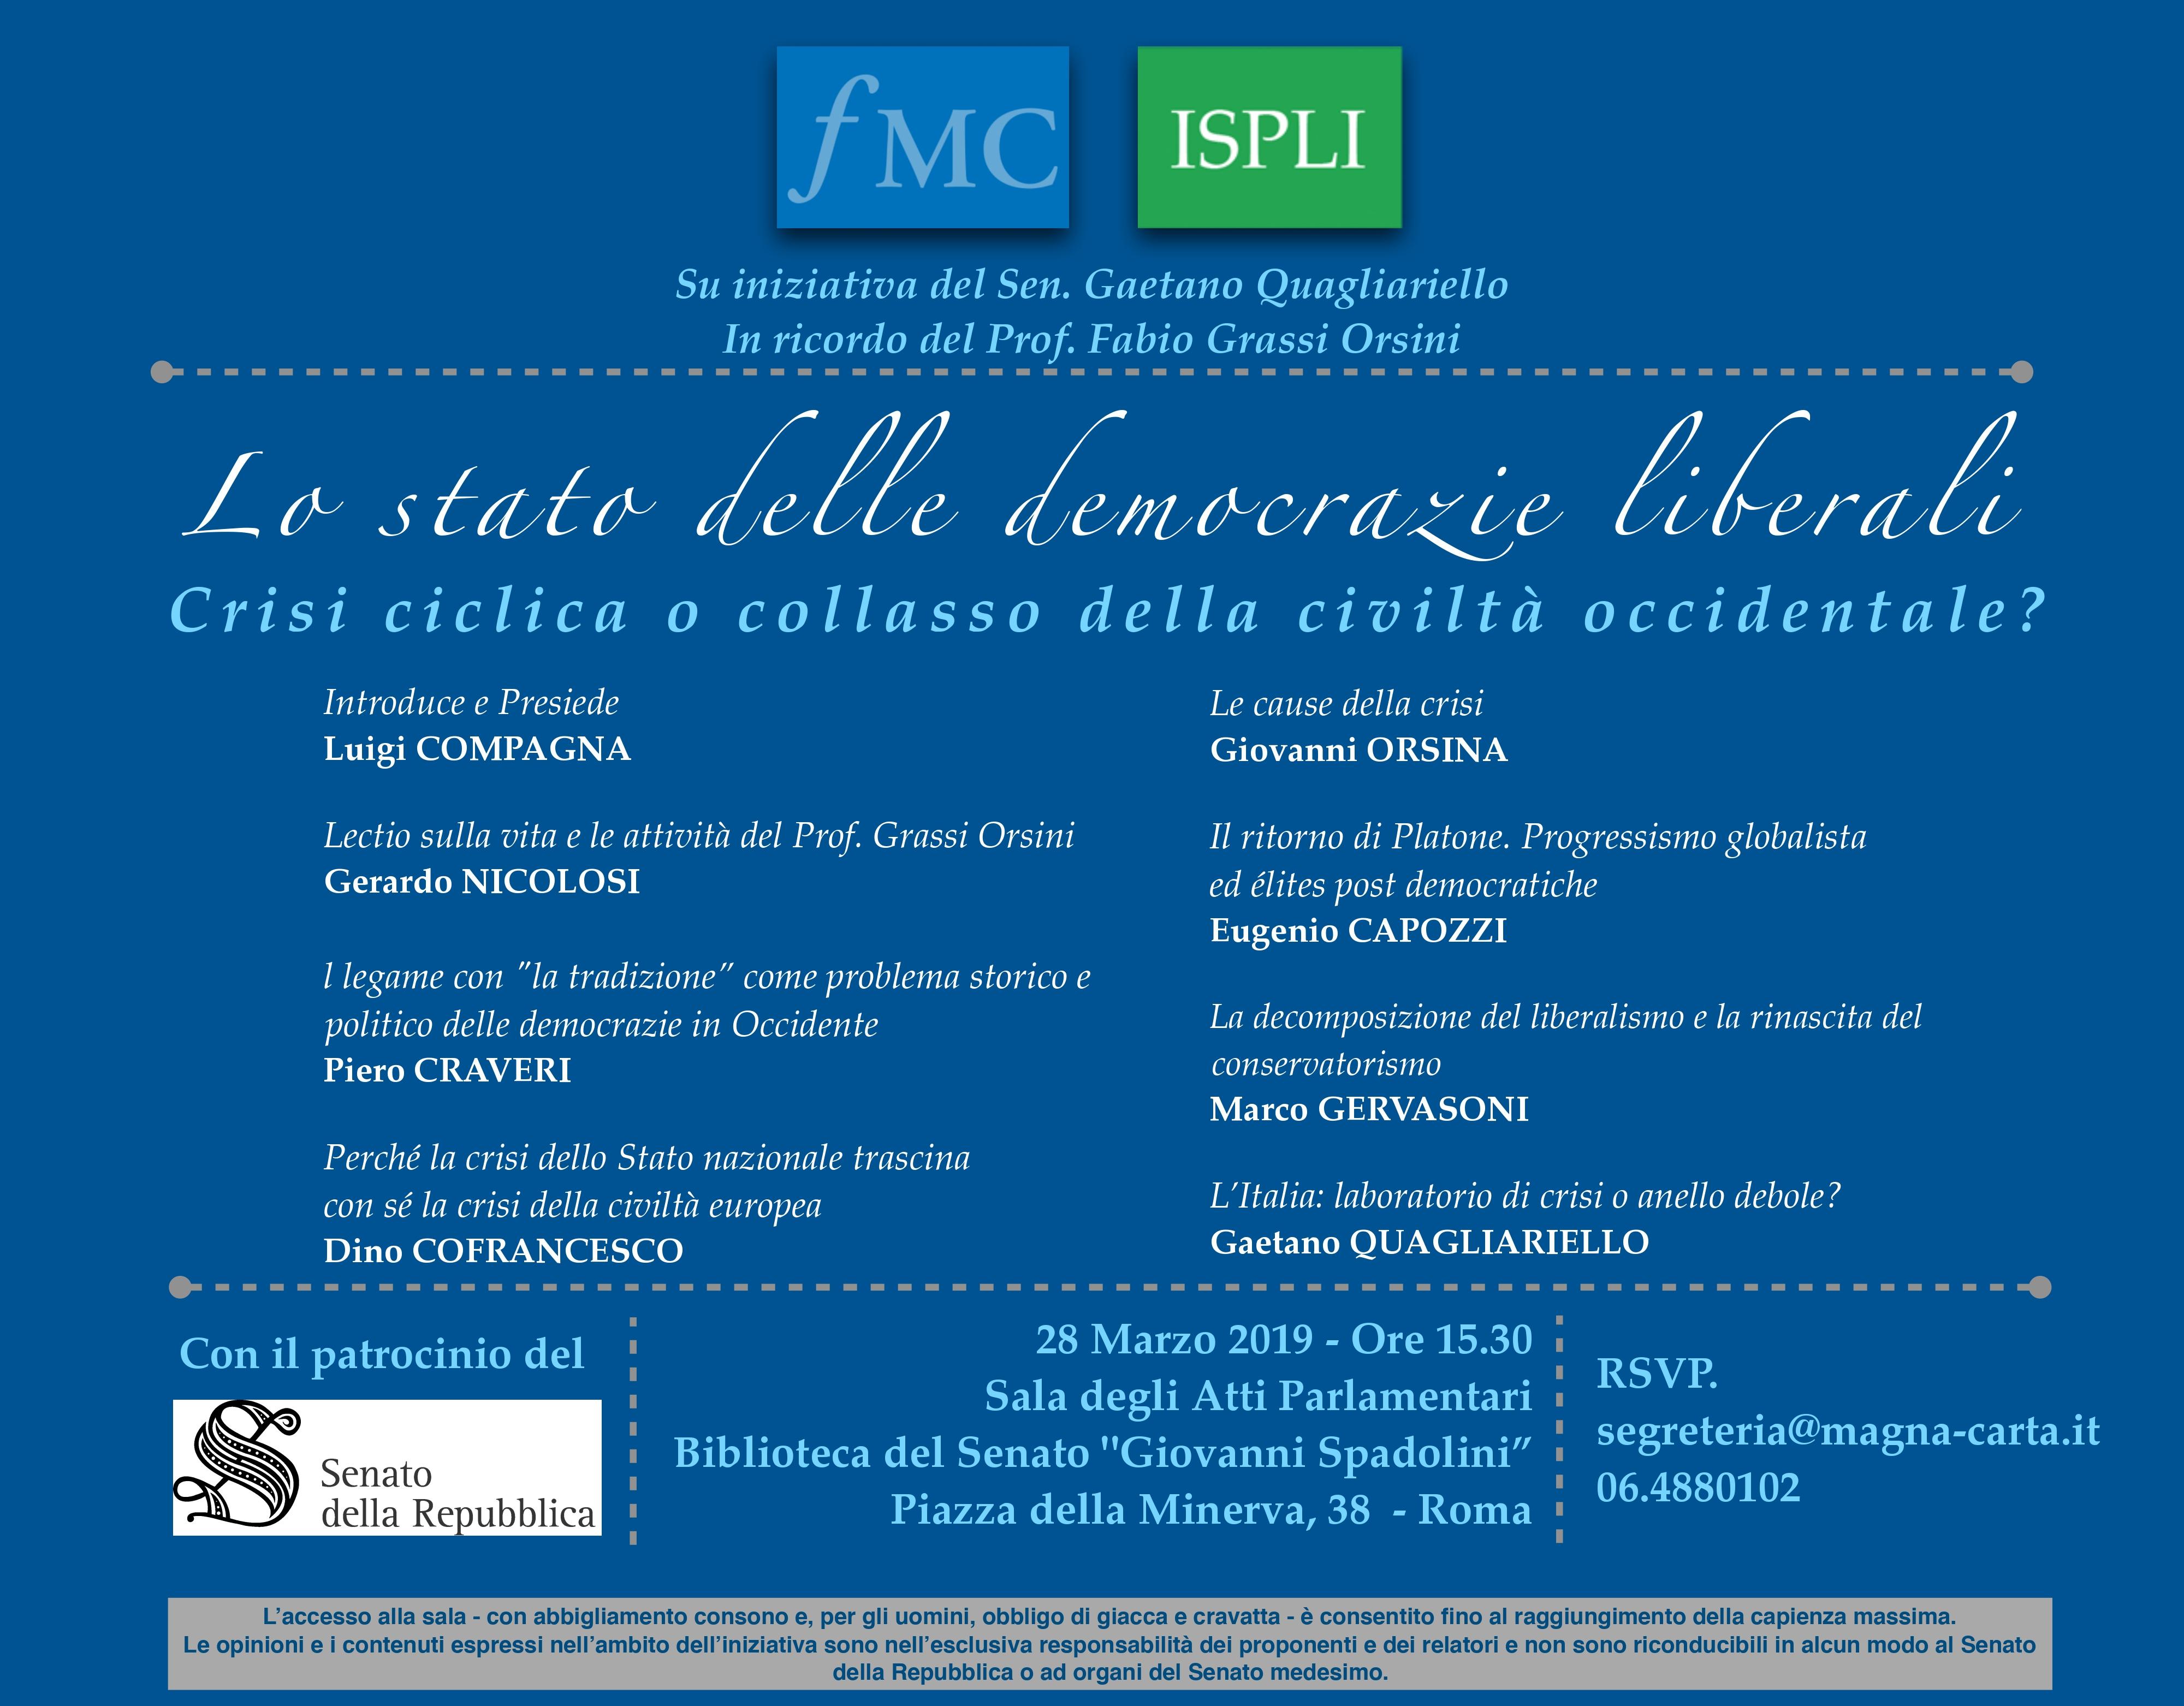 L'Ispli e Magna Carta ricordano in un convegno Fabio Grassi Orsini